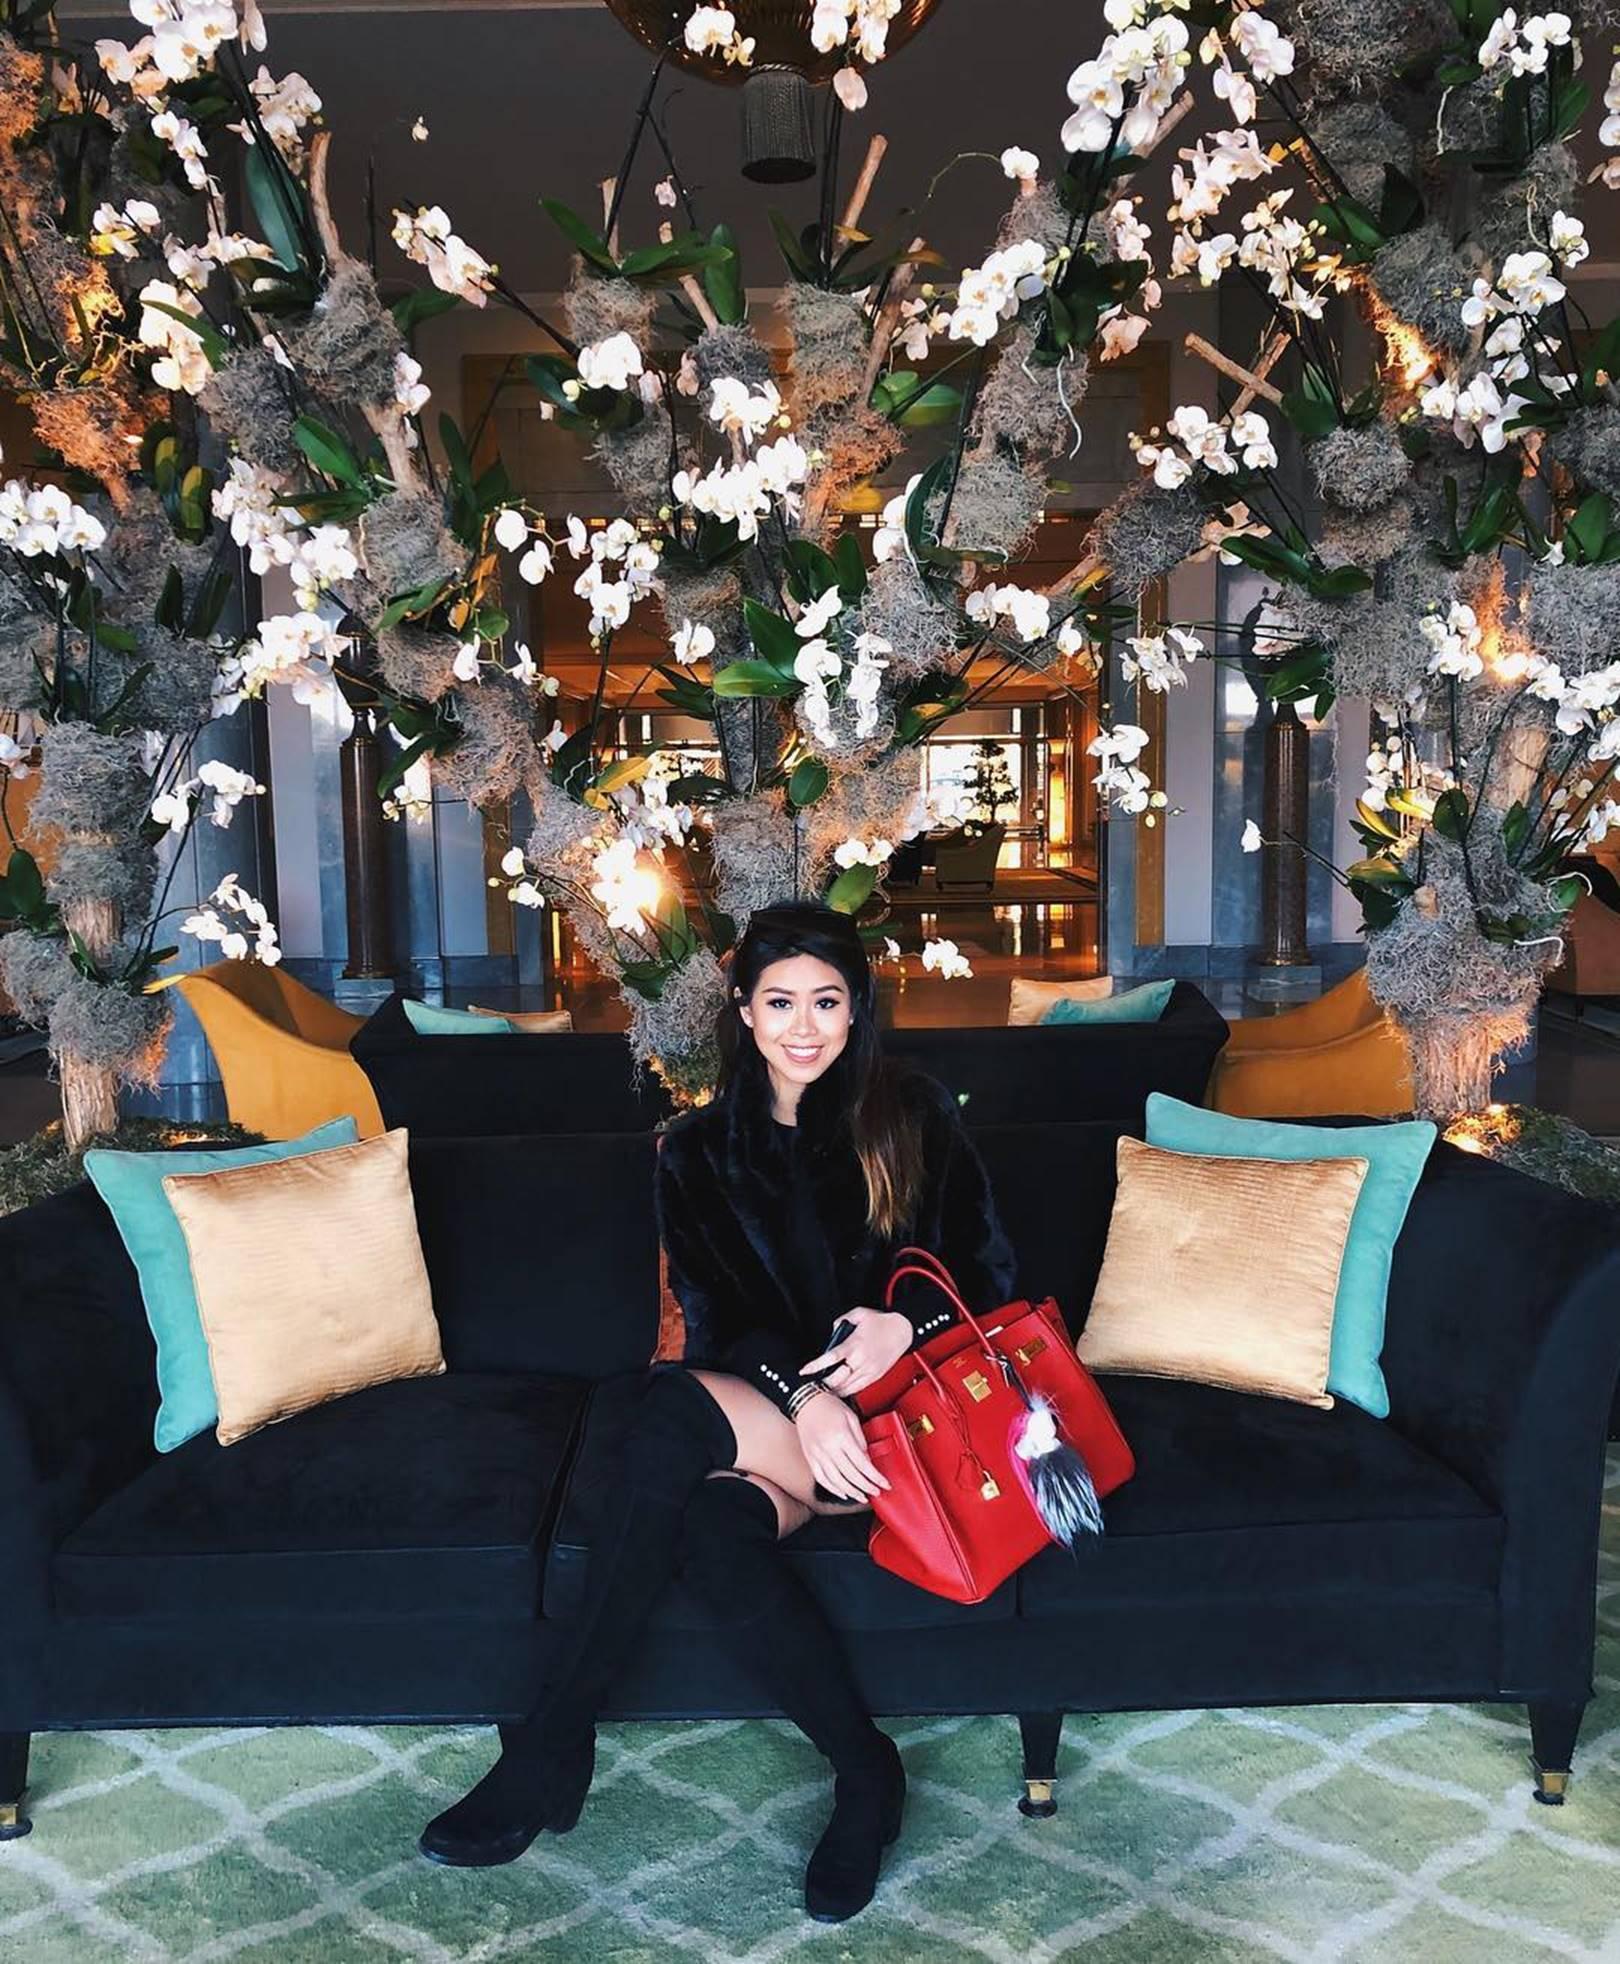 3 ái nữ cành vàng lá ngọc nhà đại gia Việt: Thay đồ hiệu như thay áo, xách túi hiệu như xách giỏ đi chợ mỗi ngày-5